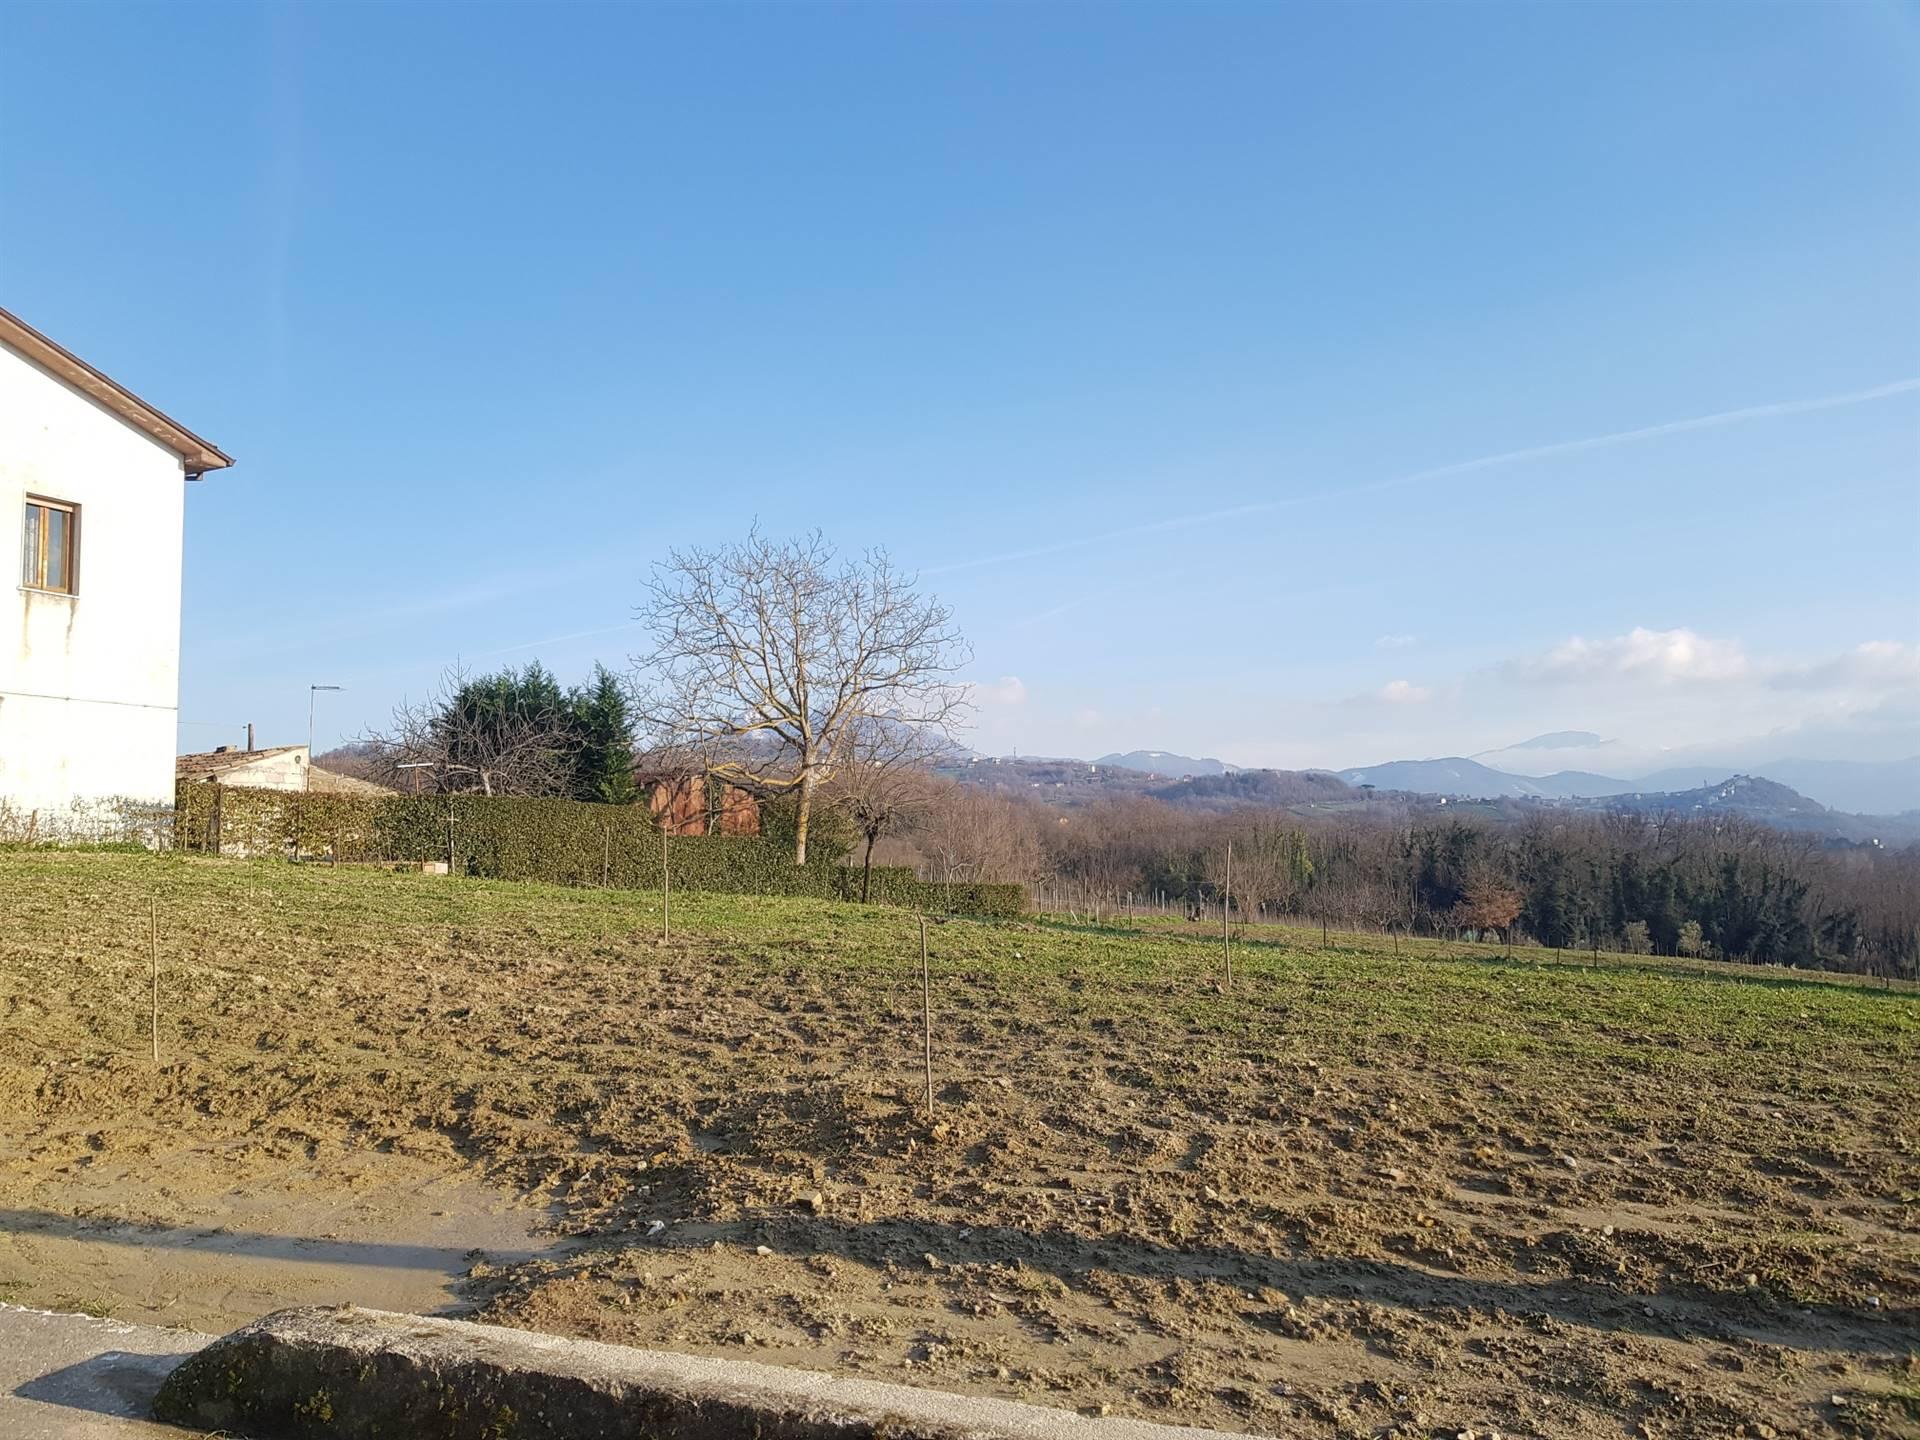 Terreno Agricolo in vendita a Pratola Serra, 9999 locali, zona Zona: San Michele, prezzo € 70.000 | CambioCasa.it